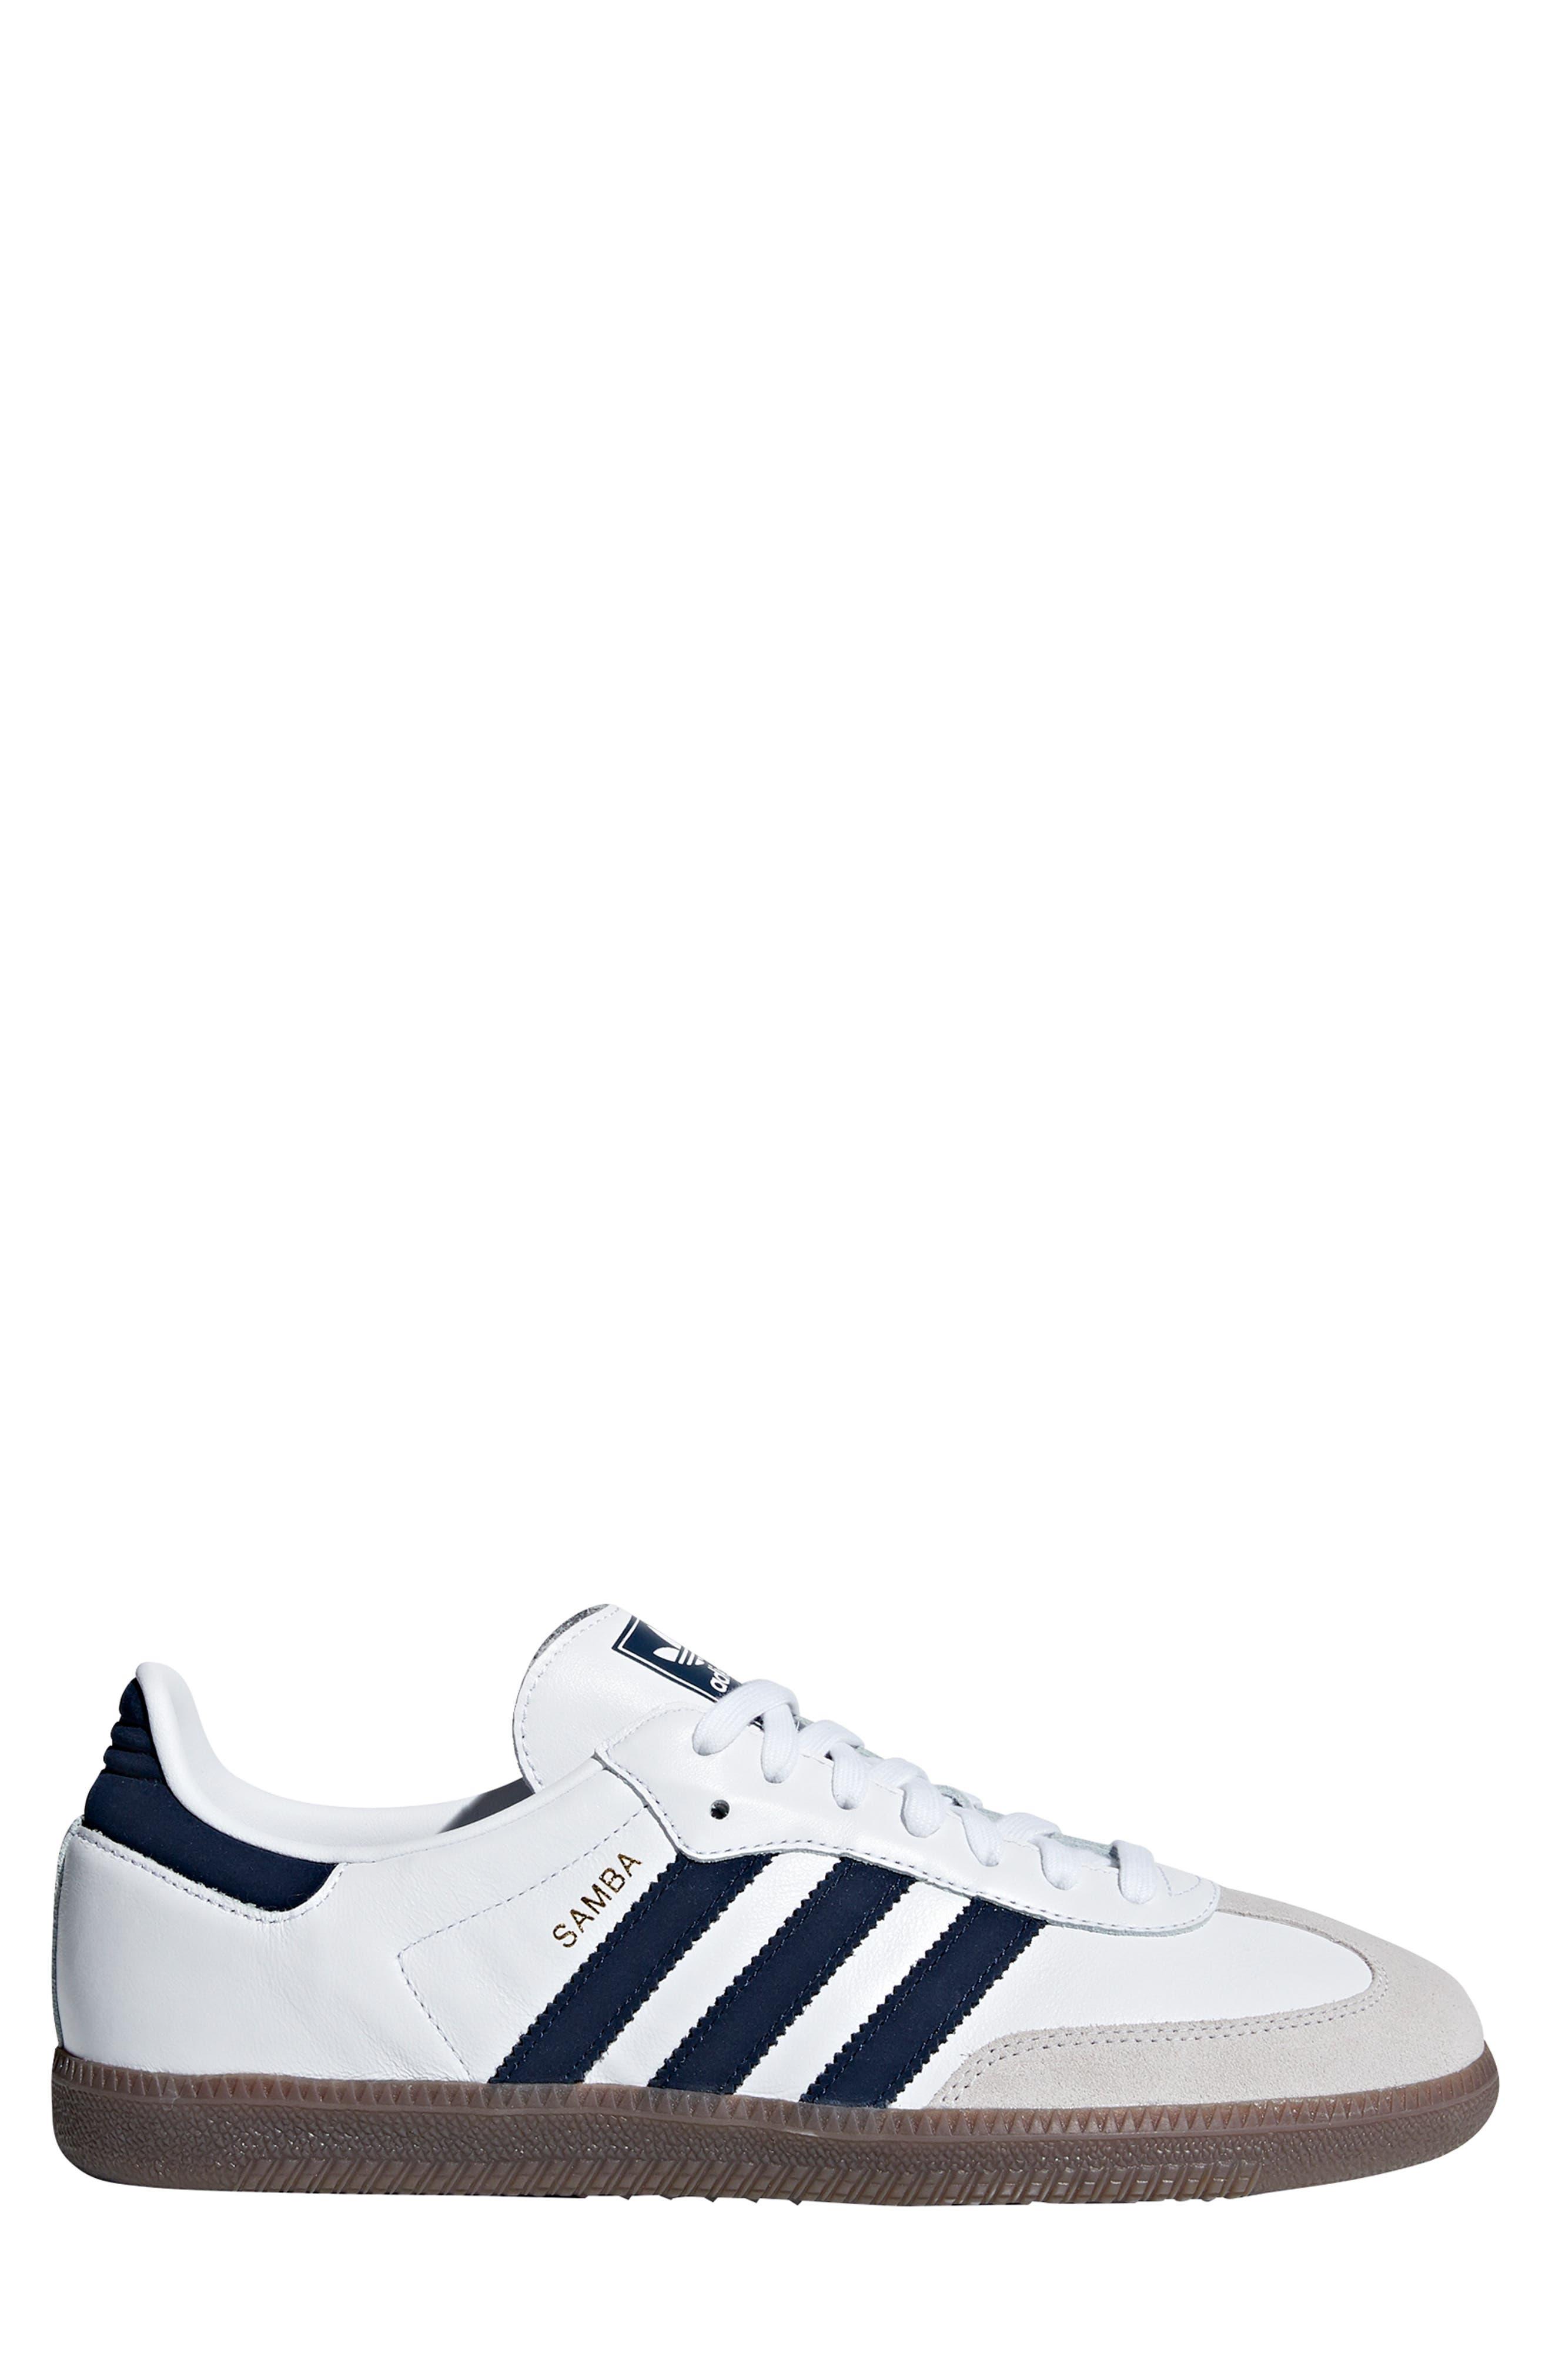 Samba OG Sneaker,                             Alternate thumbnail 3, color,                             WHITE/ NAVY / CRYSTAL WHITE